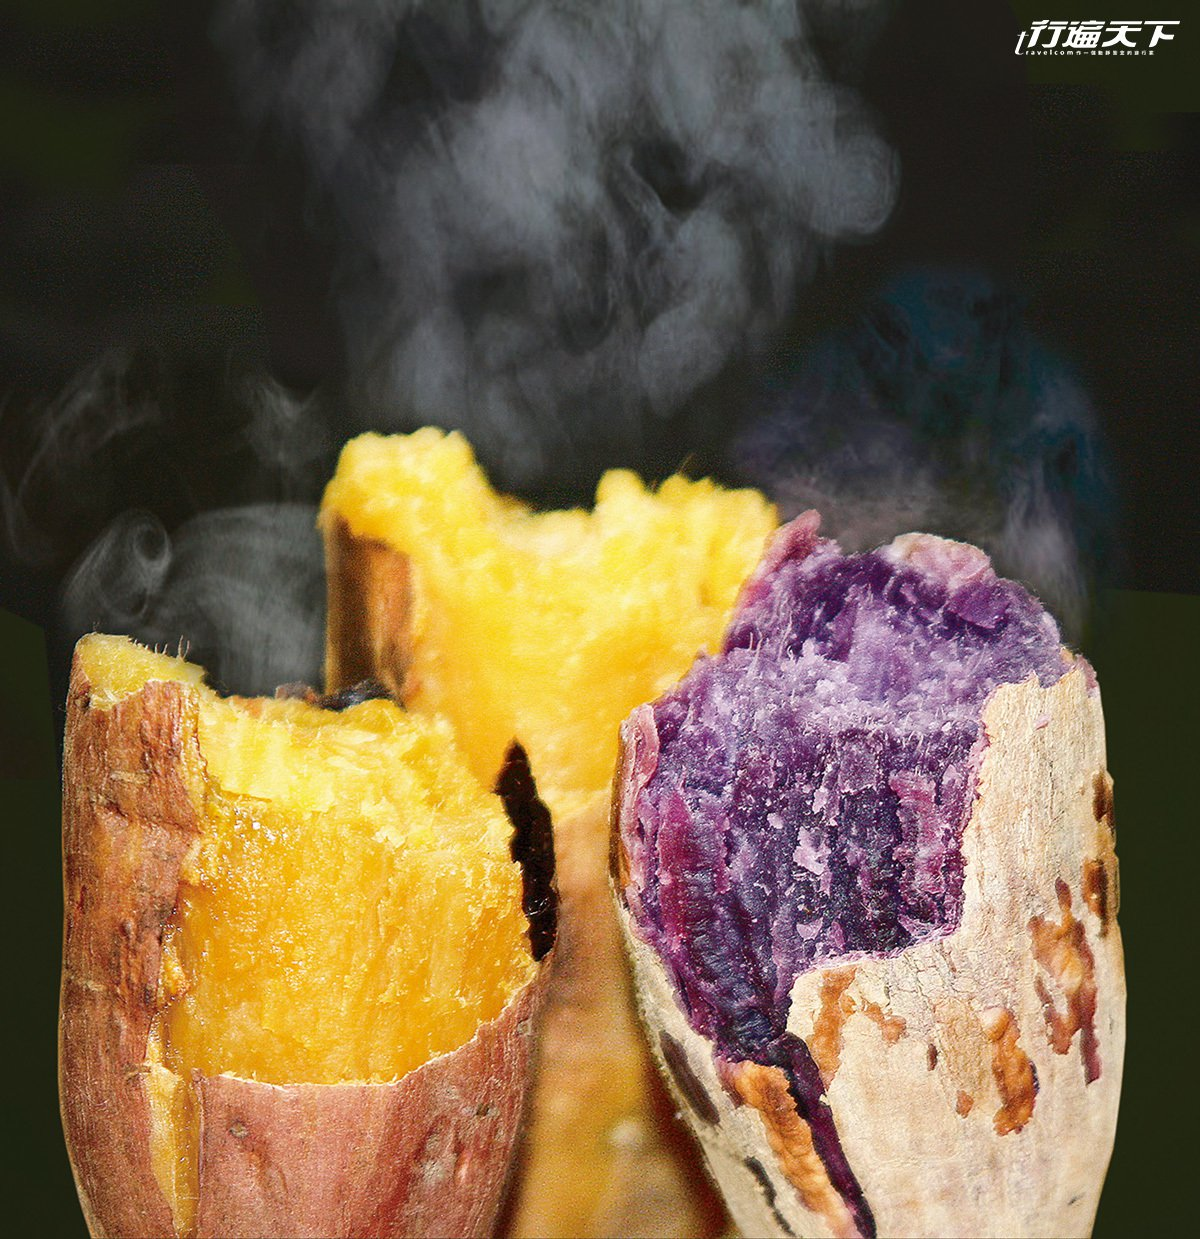 種子島名物安納芋,生的時候已經高達16級,蒸煮後甜度更提高到40-50度,被稱為...